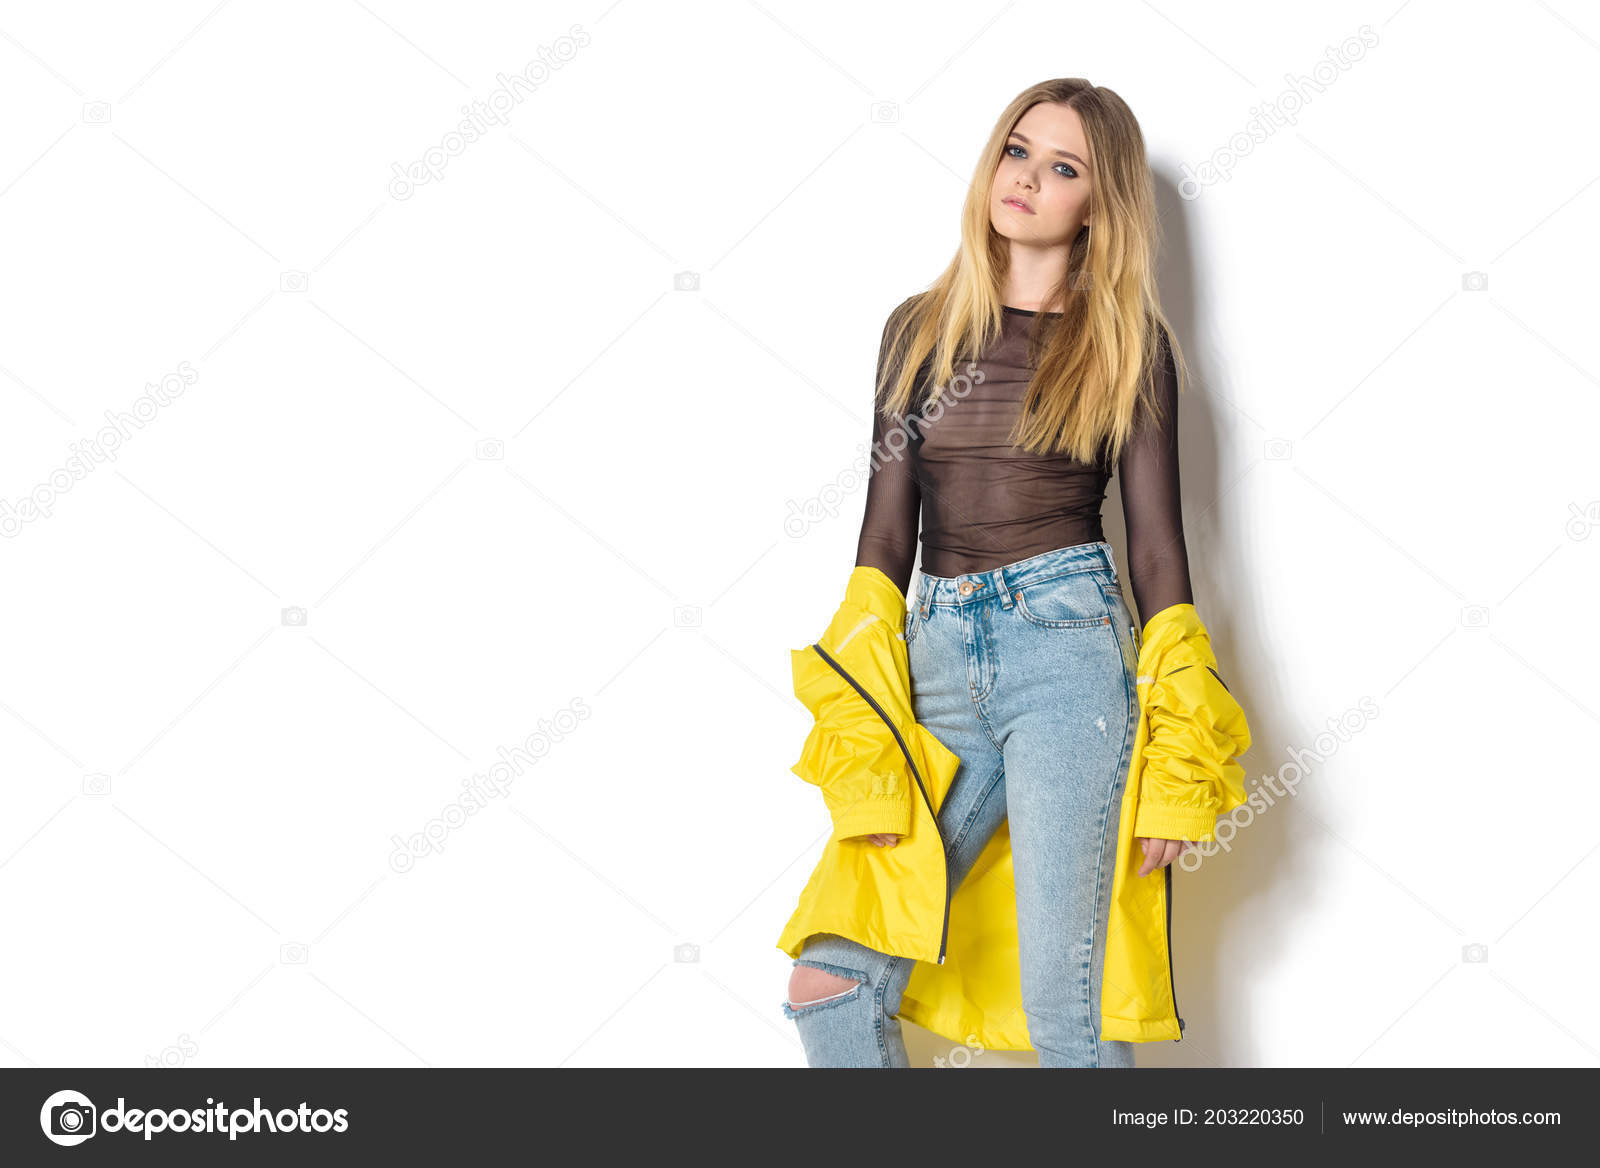 Прозрачная рубашка девушка